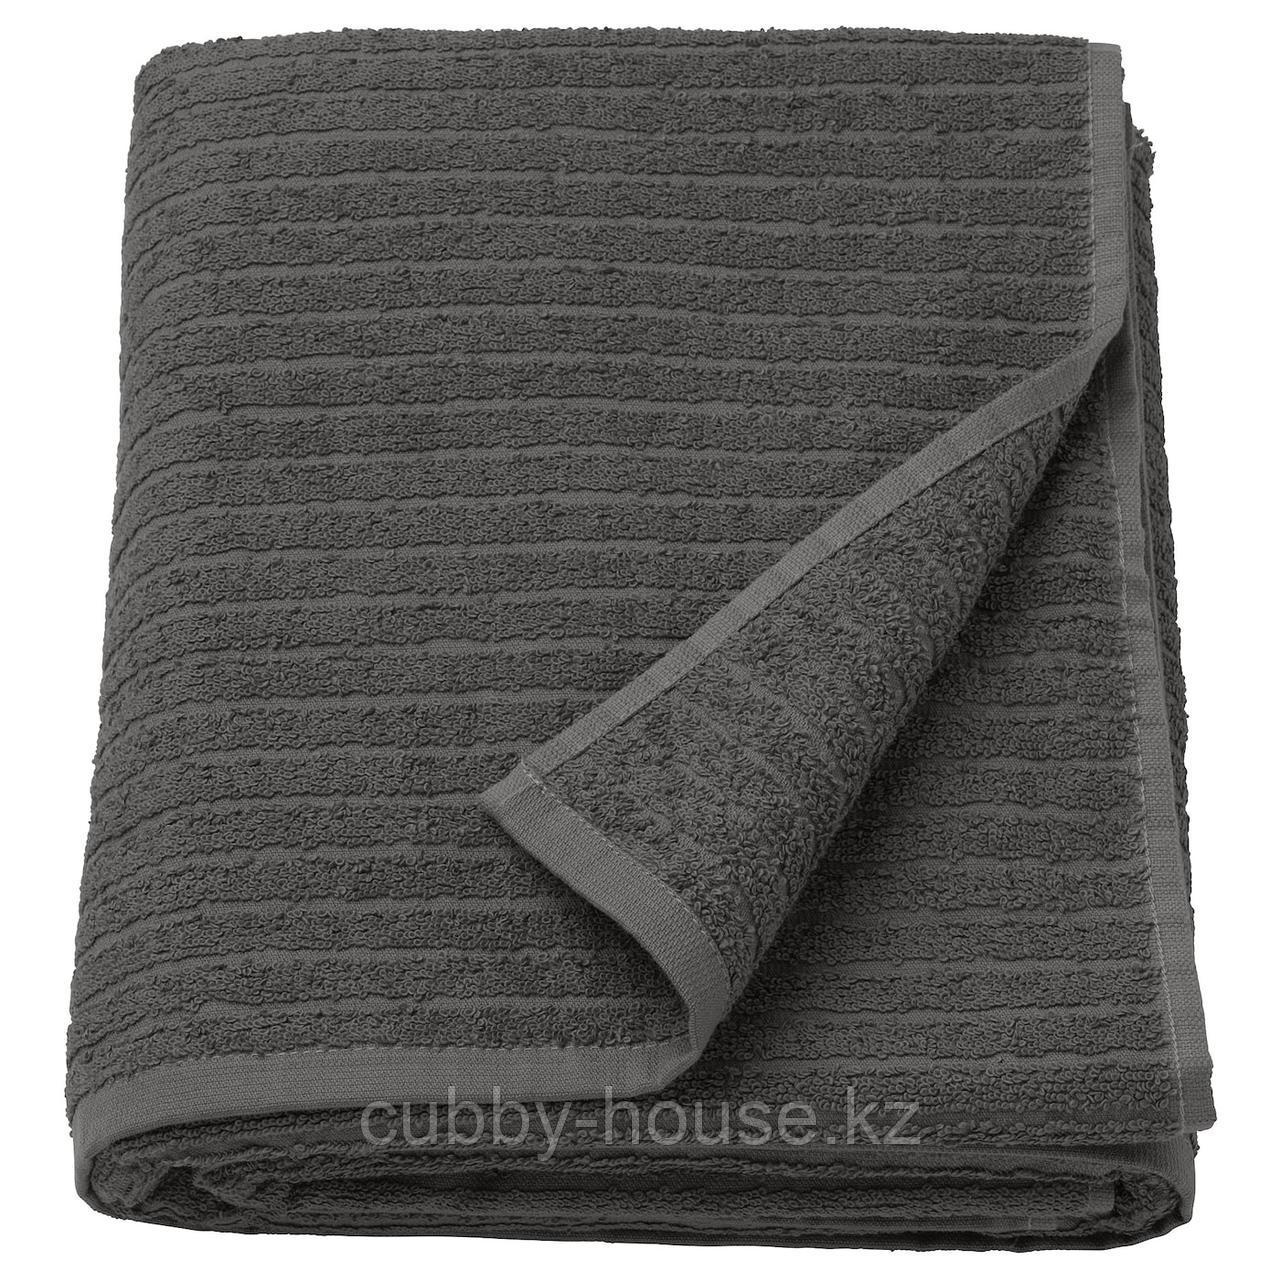 ВОГШЁН Простыня банная, темно-серый, 100x150 см